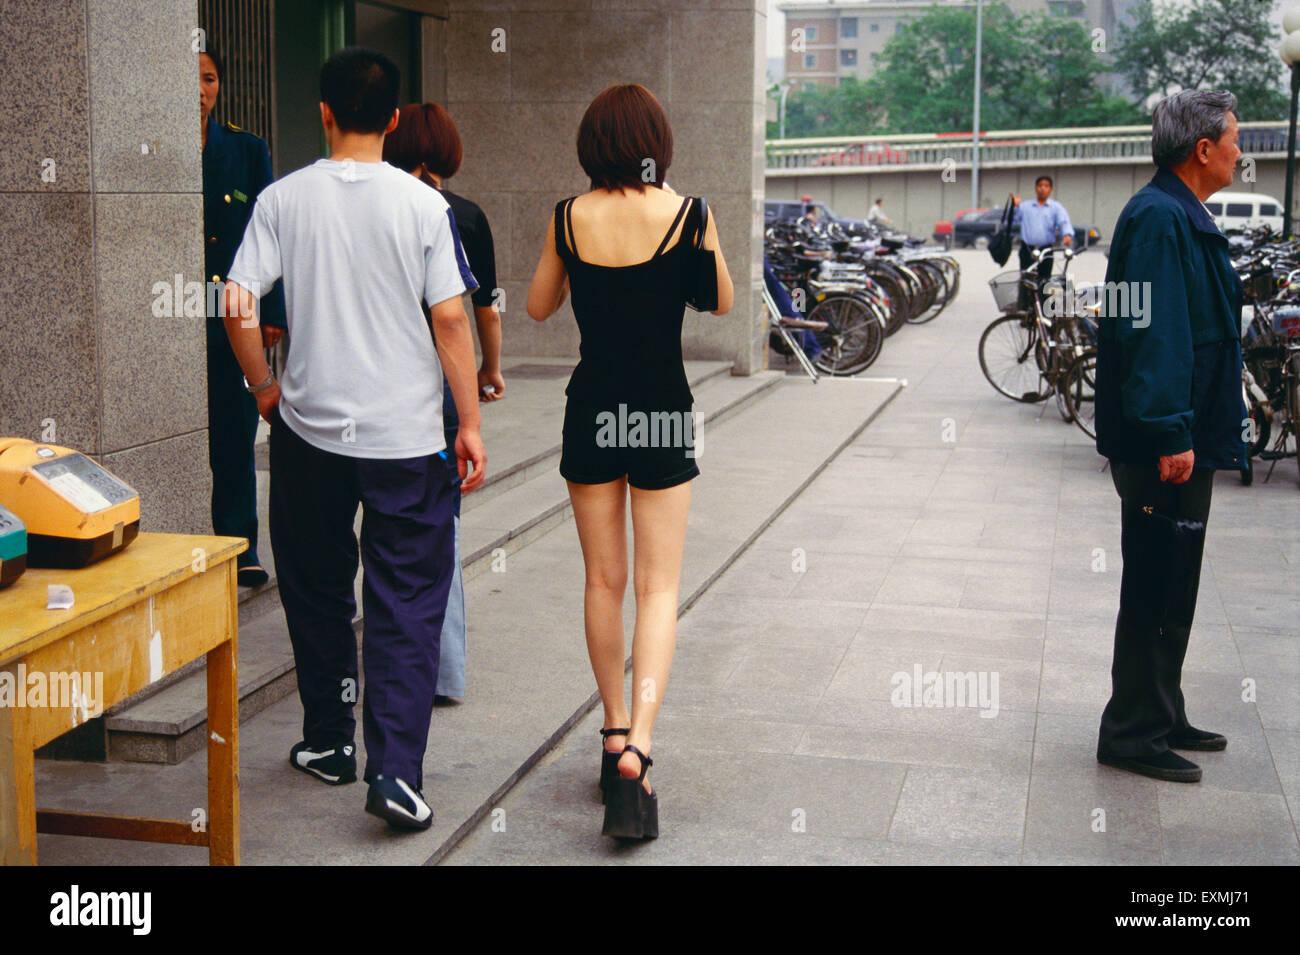 how to walk long distances in heels